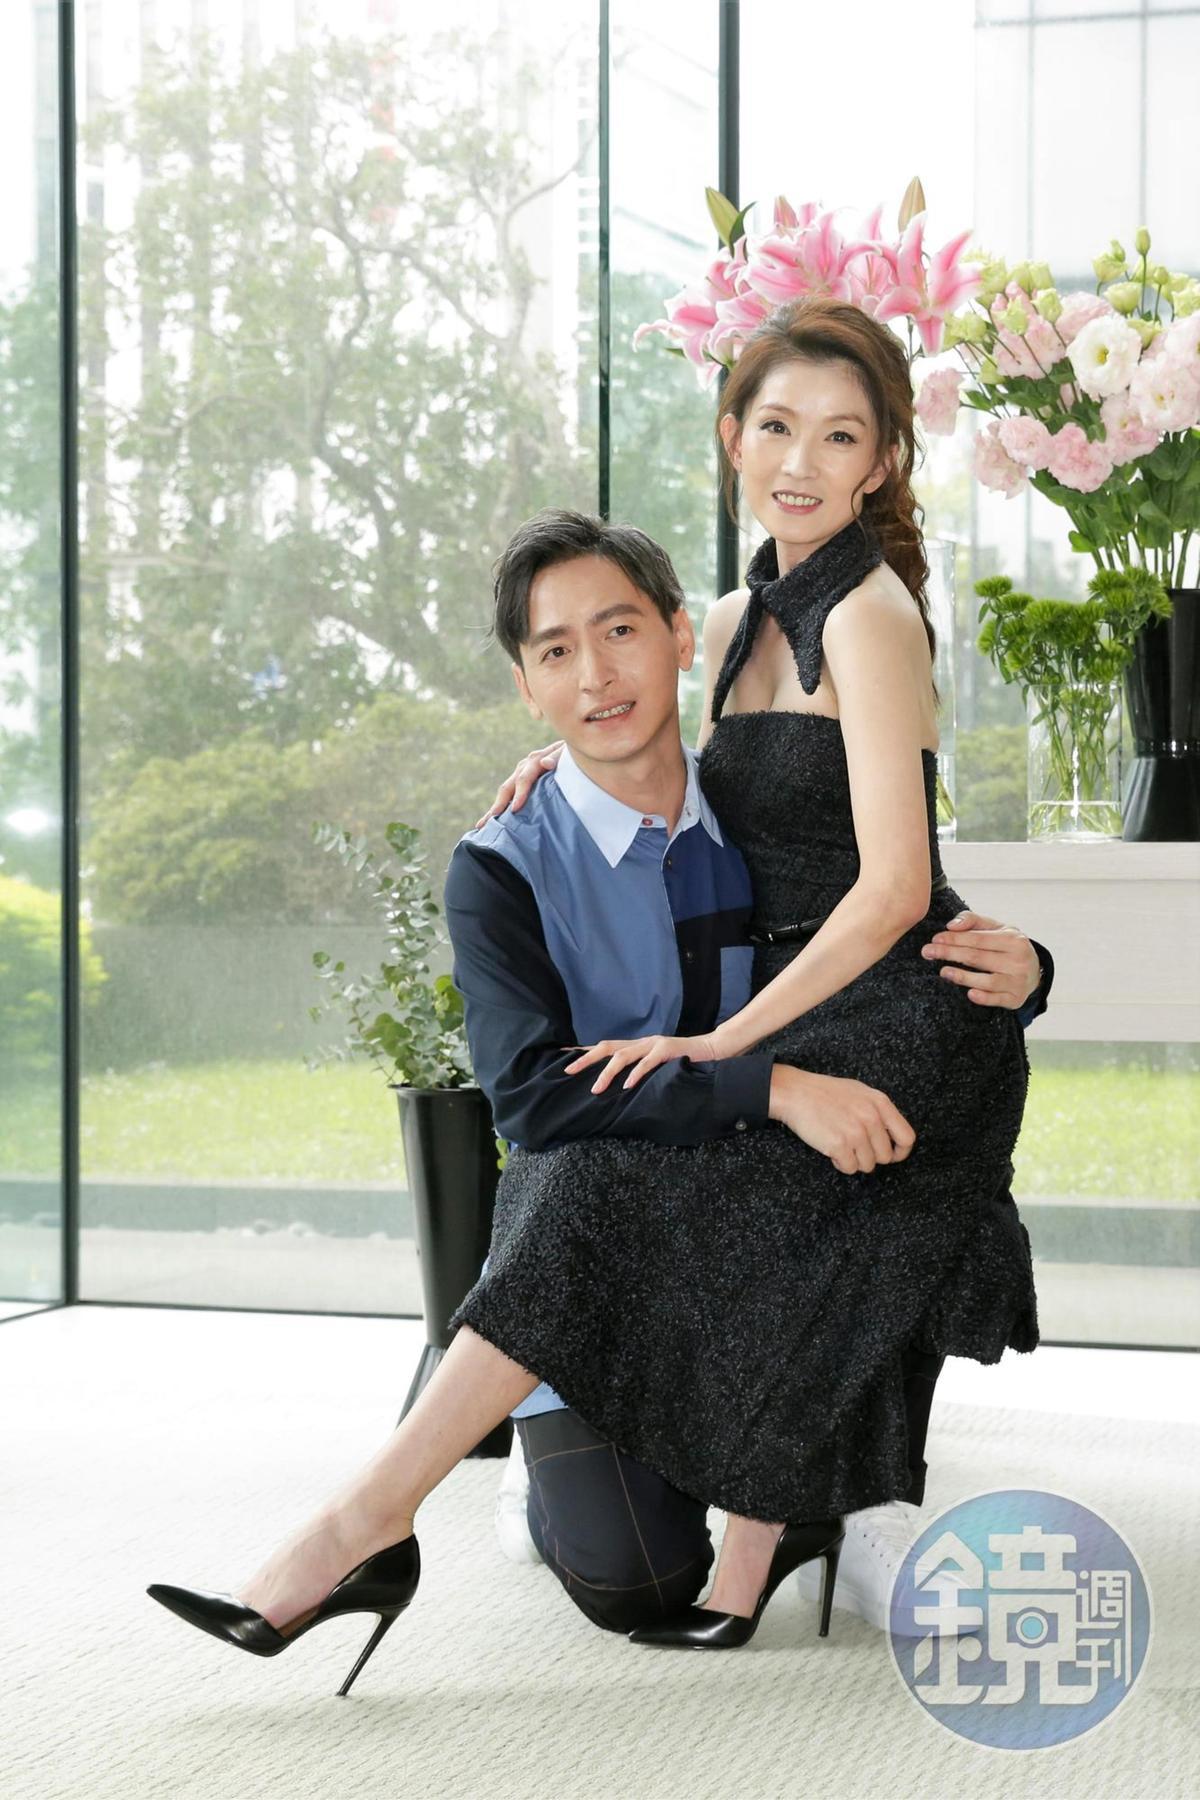 葉全真切了15年的事業夥伴陳昭榮,首接偶像劇與許懷民湊一對。